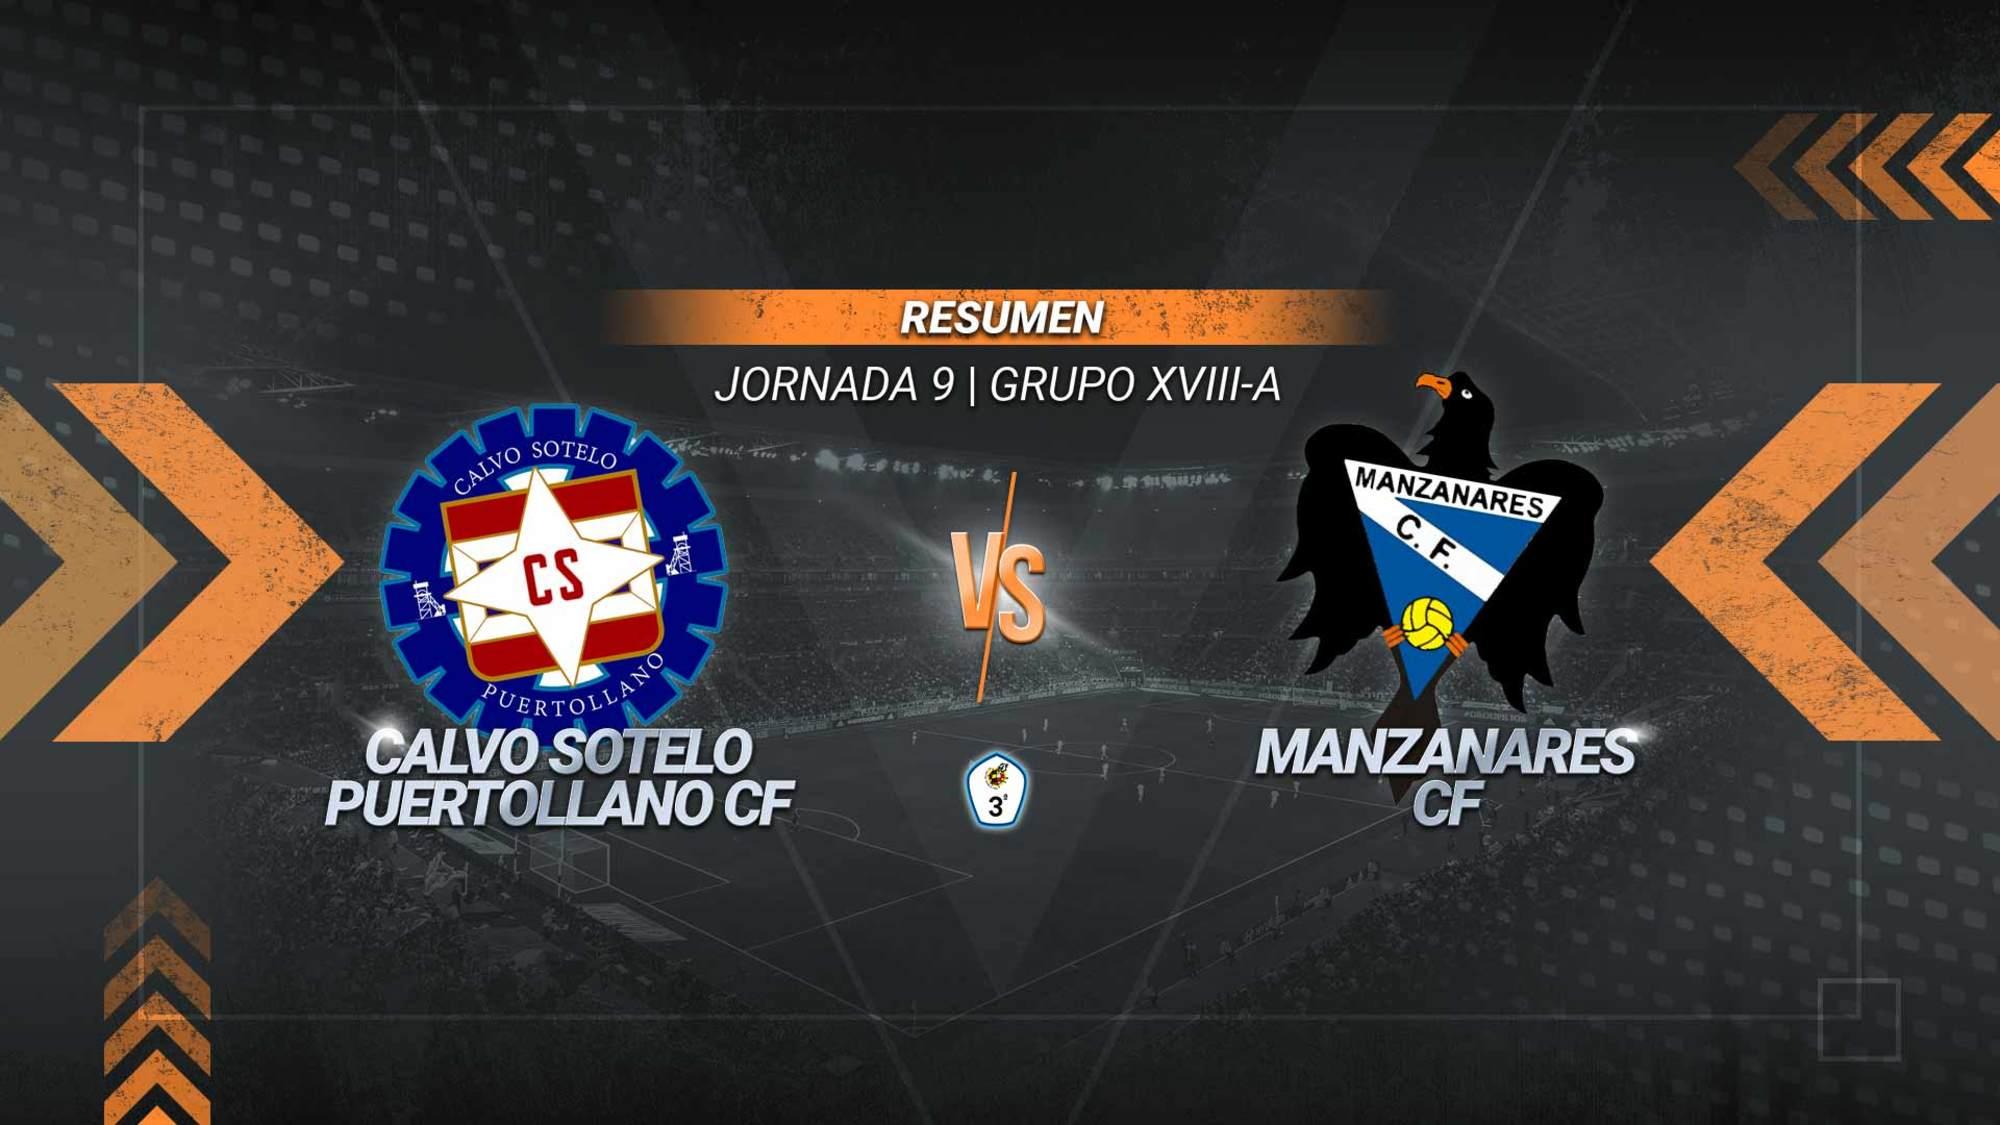 El Manzanares conquista El Cerrú y suma el segundo triunfo consecutivo. Un gol de Kamara en el 88' permite a los manzanareños alcanzar los siete puntos. El Calvo Sotelo, en el que anotó Valdivia, se queda con ocho.